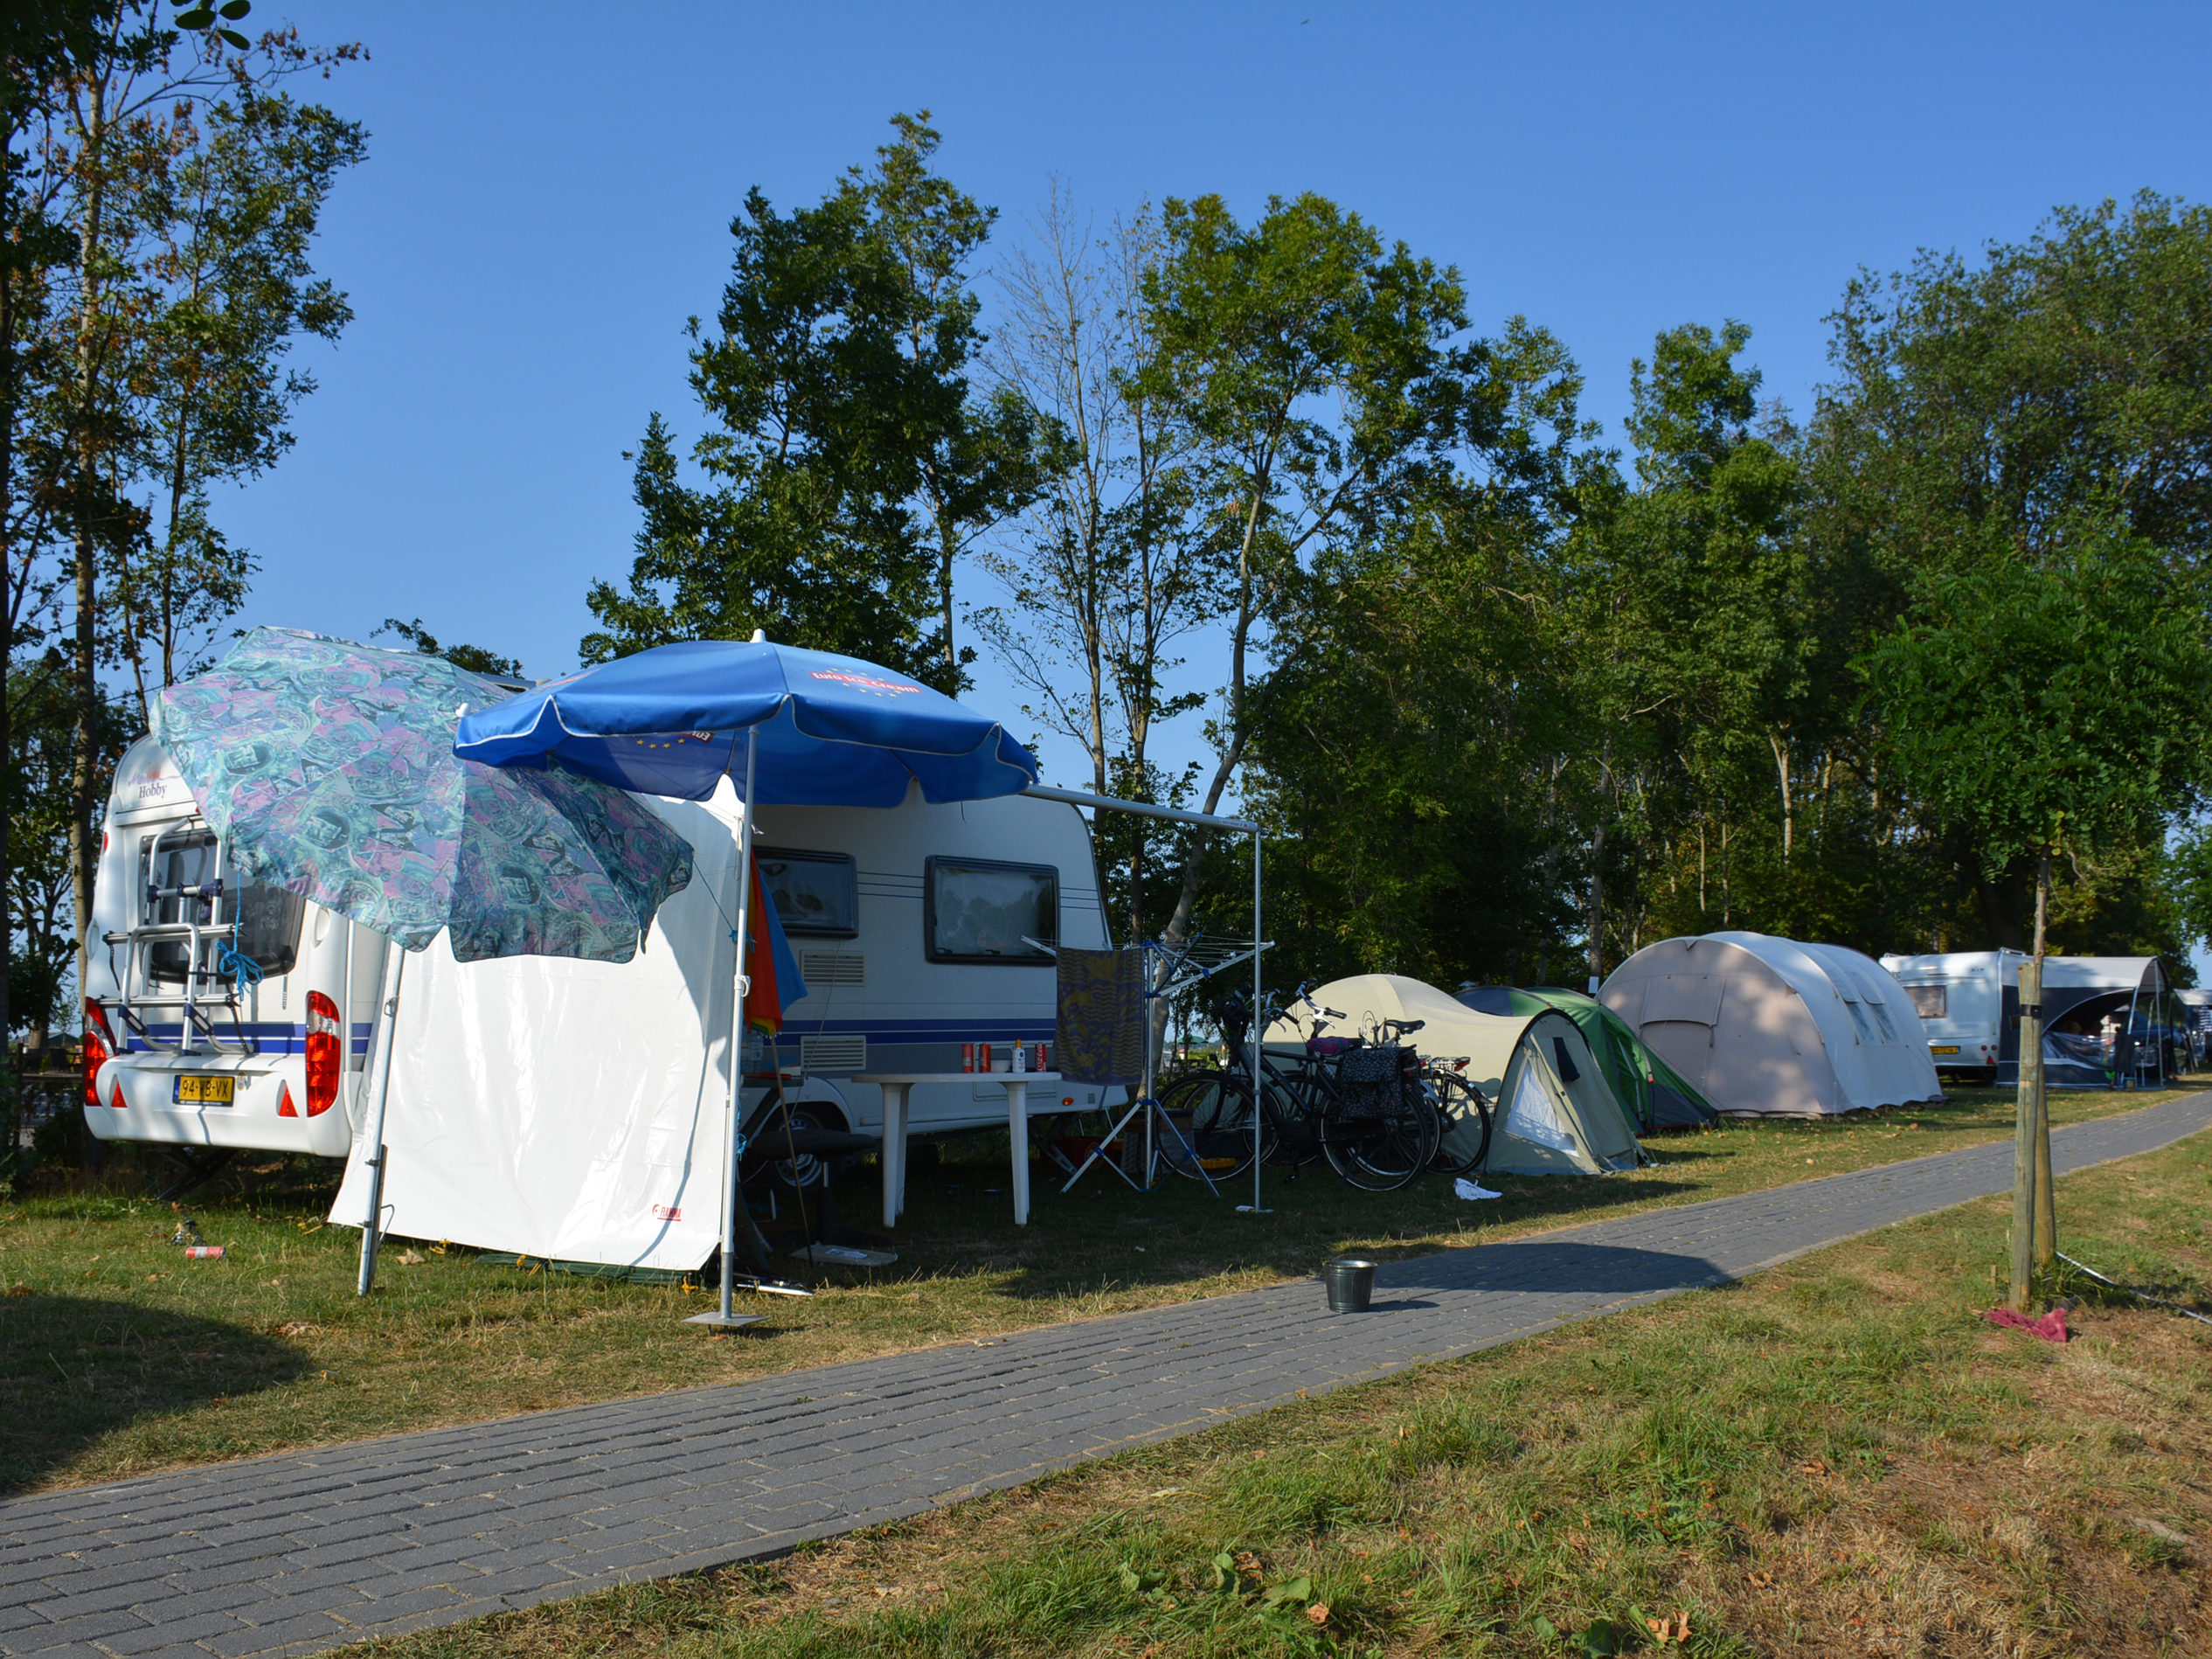 Oma kampeert met kleinzoons op Camping De 4 Elementen in Friesland